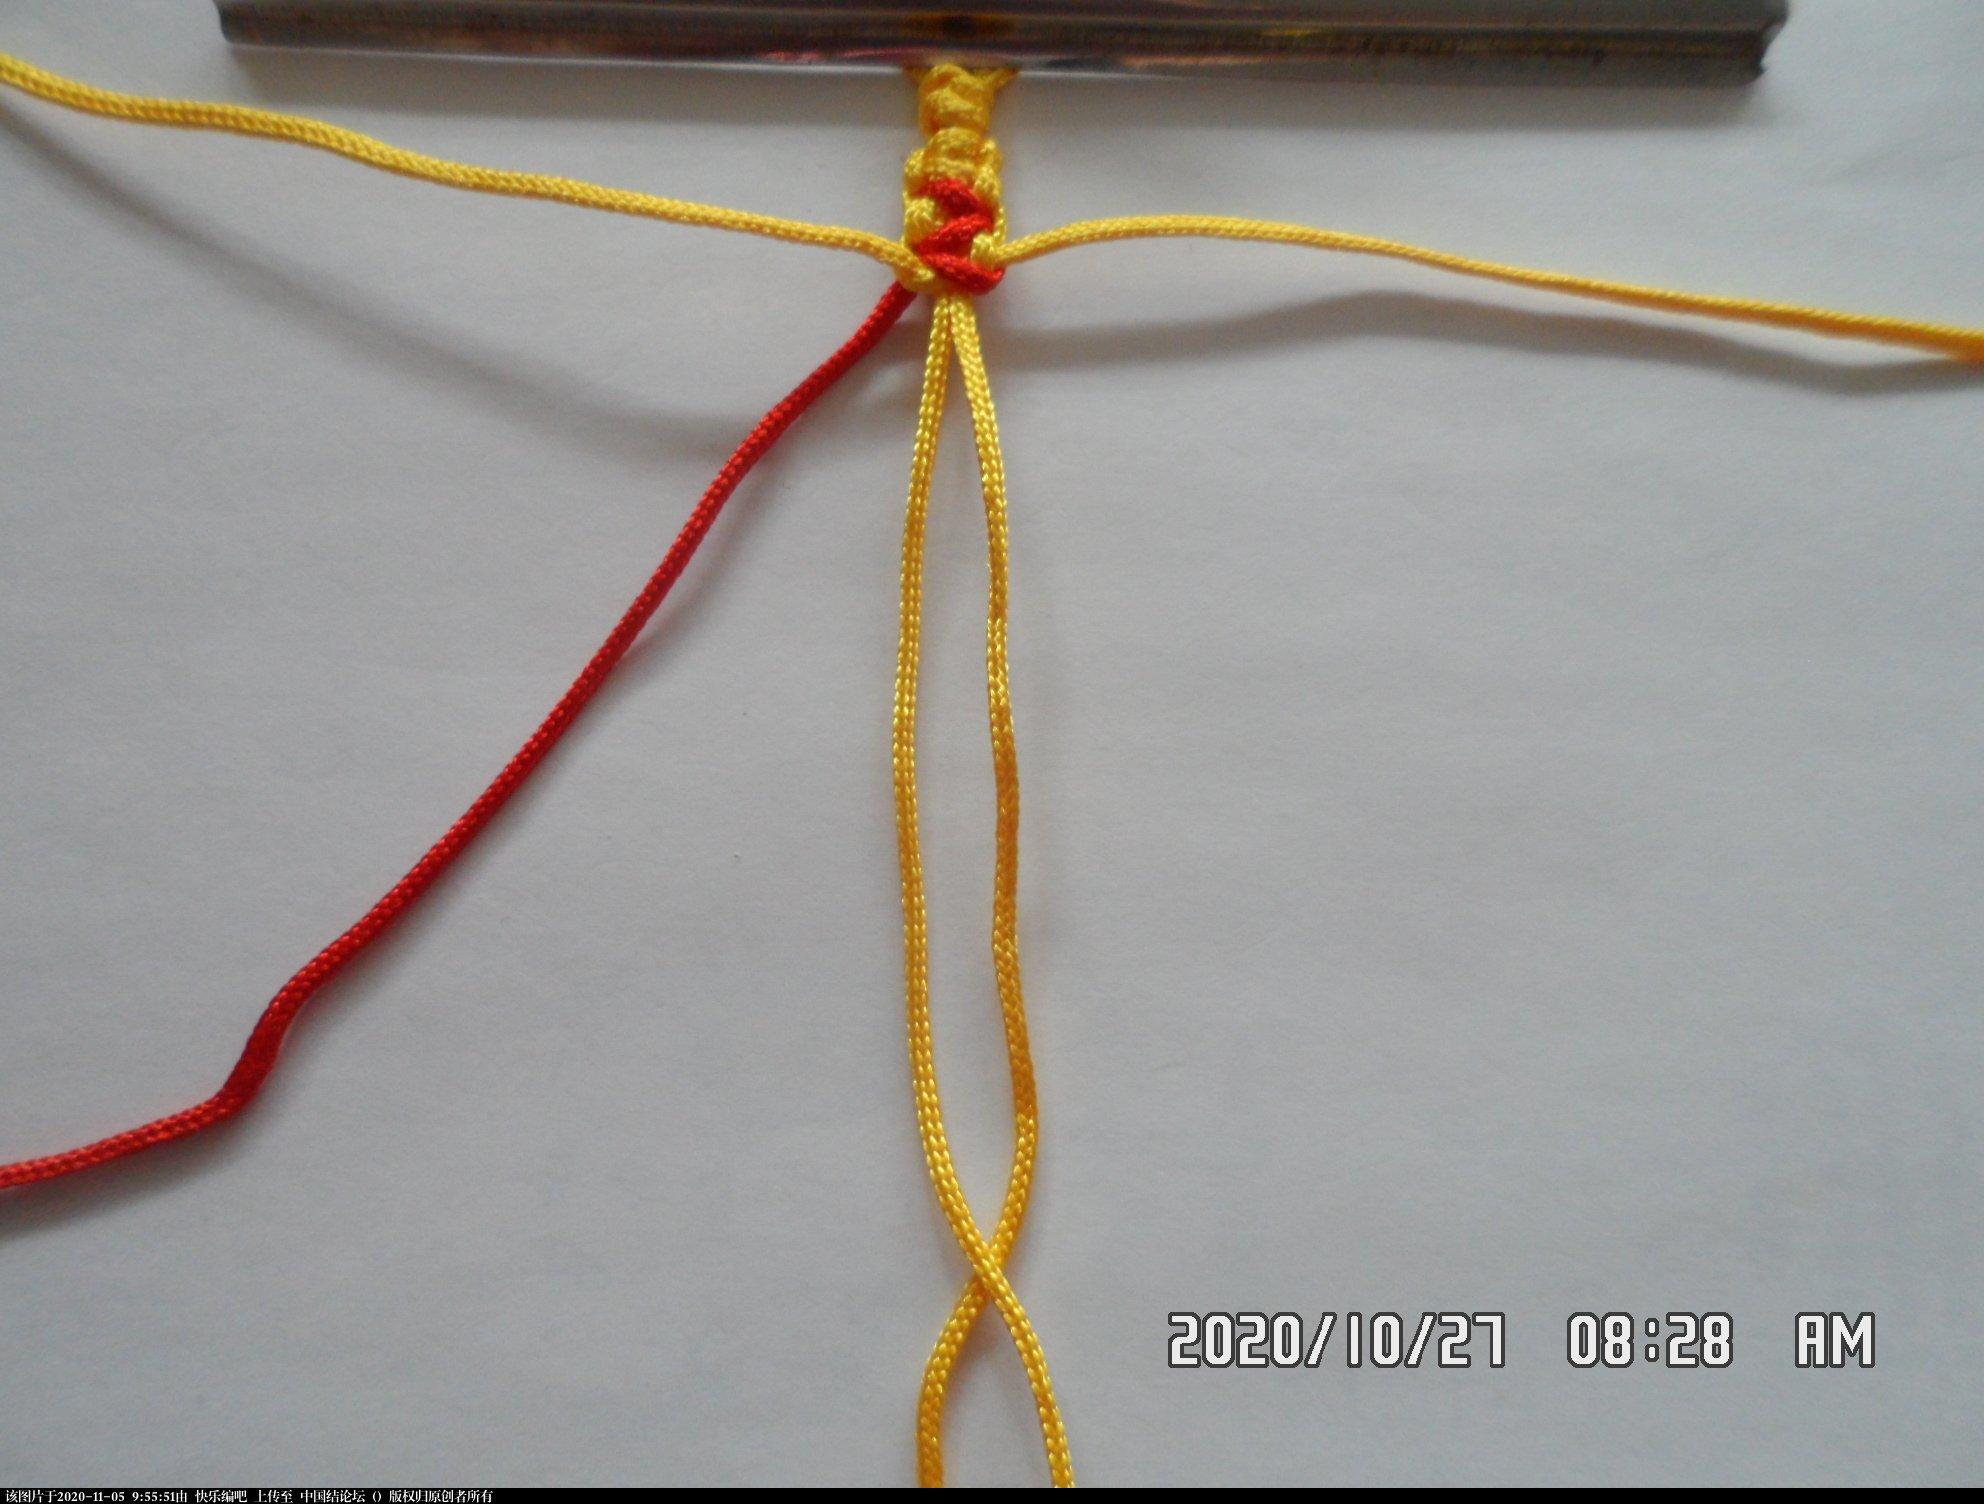 中国结论坛 一款添加装饰线的平结手绳 —— 平结还可以这样编(4) 平结,平结的链,手链,中国结入门基础教程 图文教程区 092042y3z2gnosrze330og